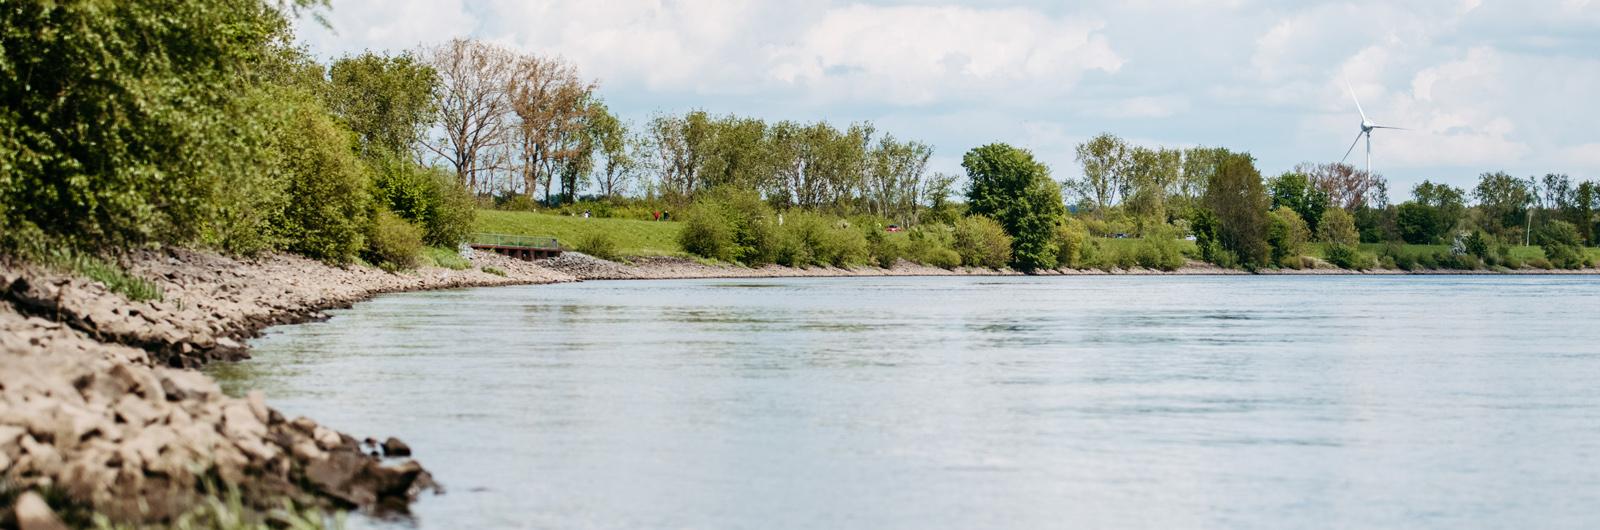 Elbdeich Hochwasserschutz Borghorster Elbwiesen